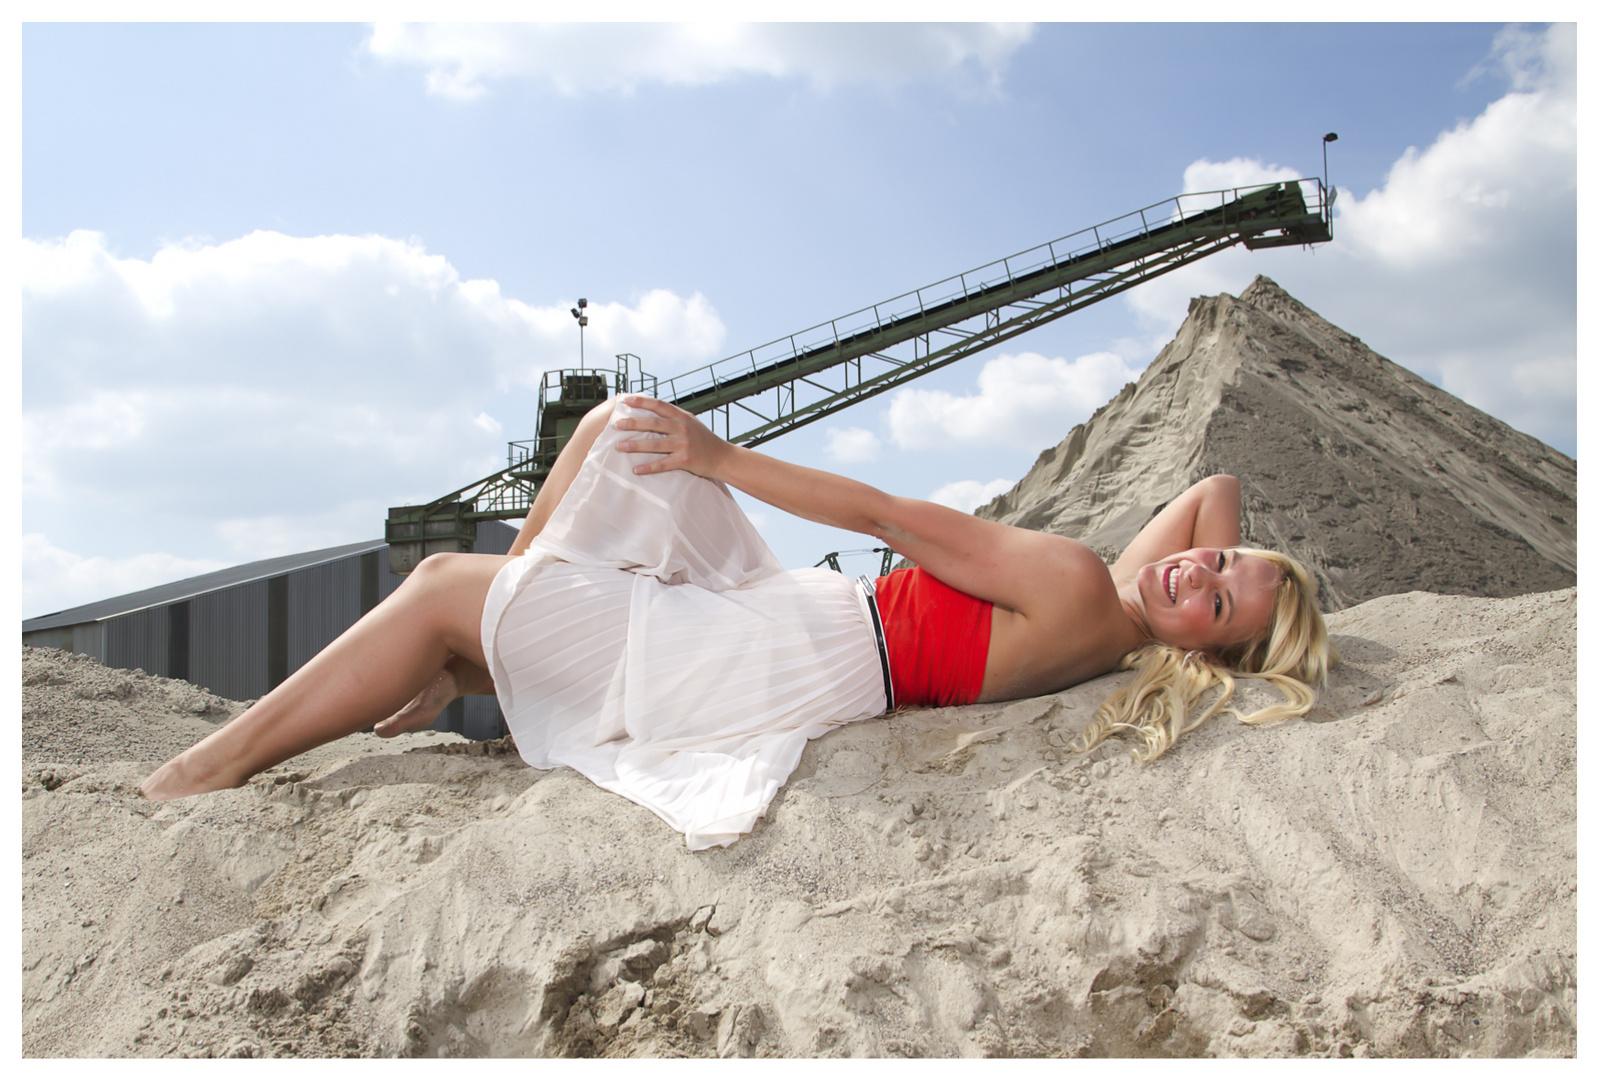 Nessi im Sandkasten